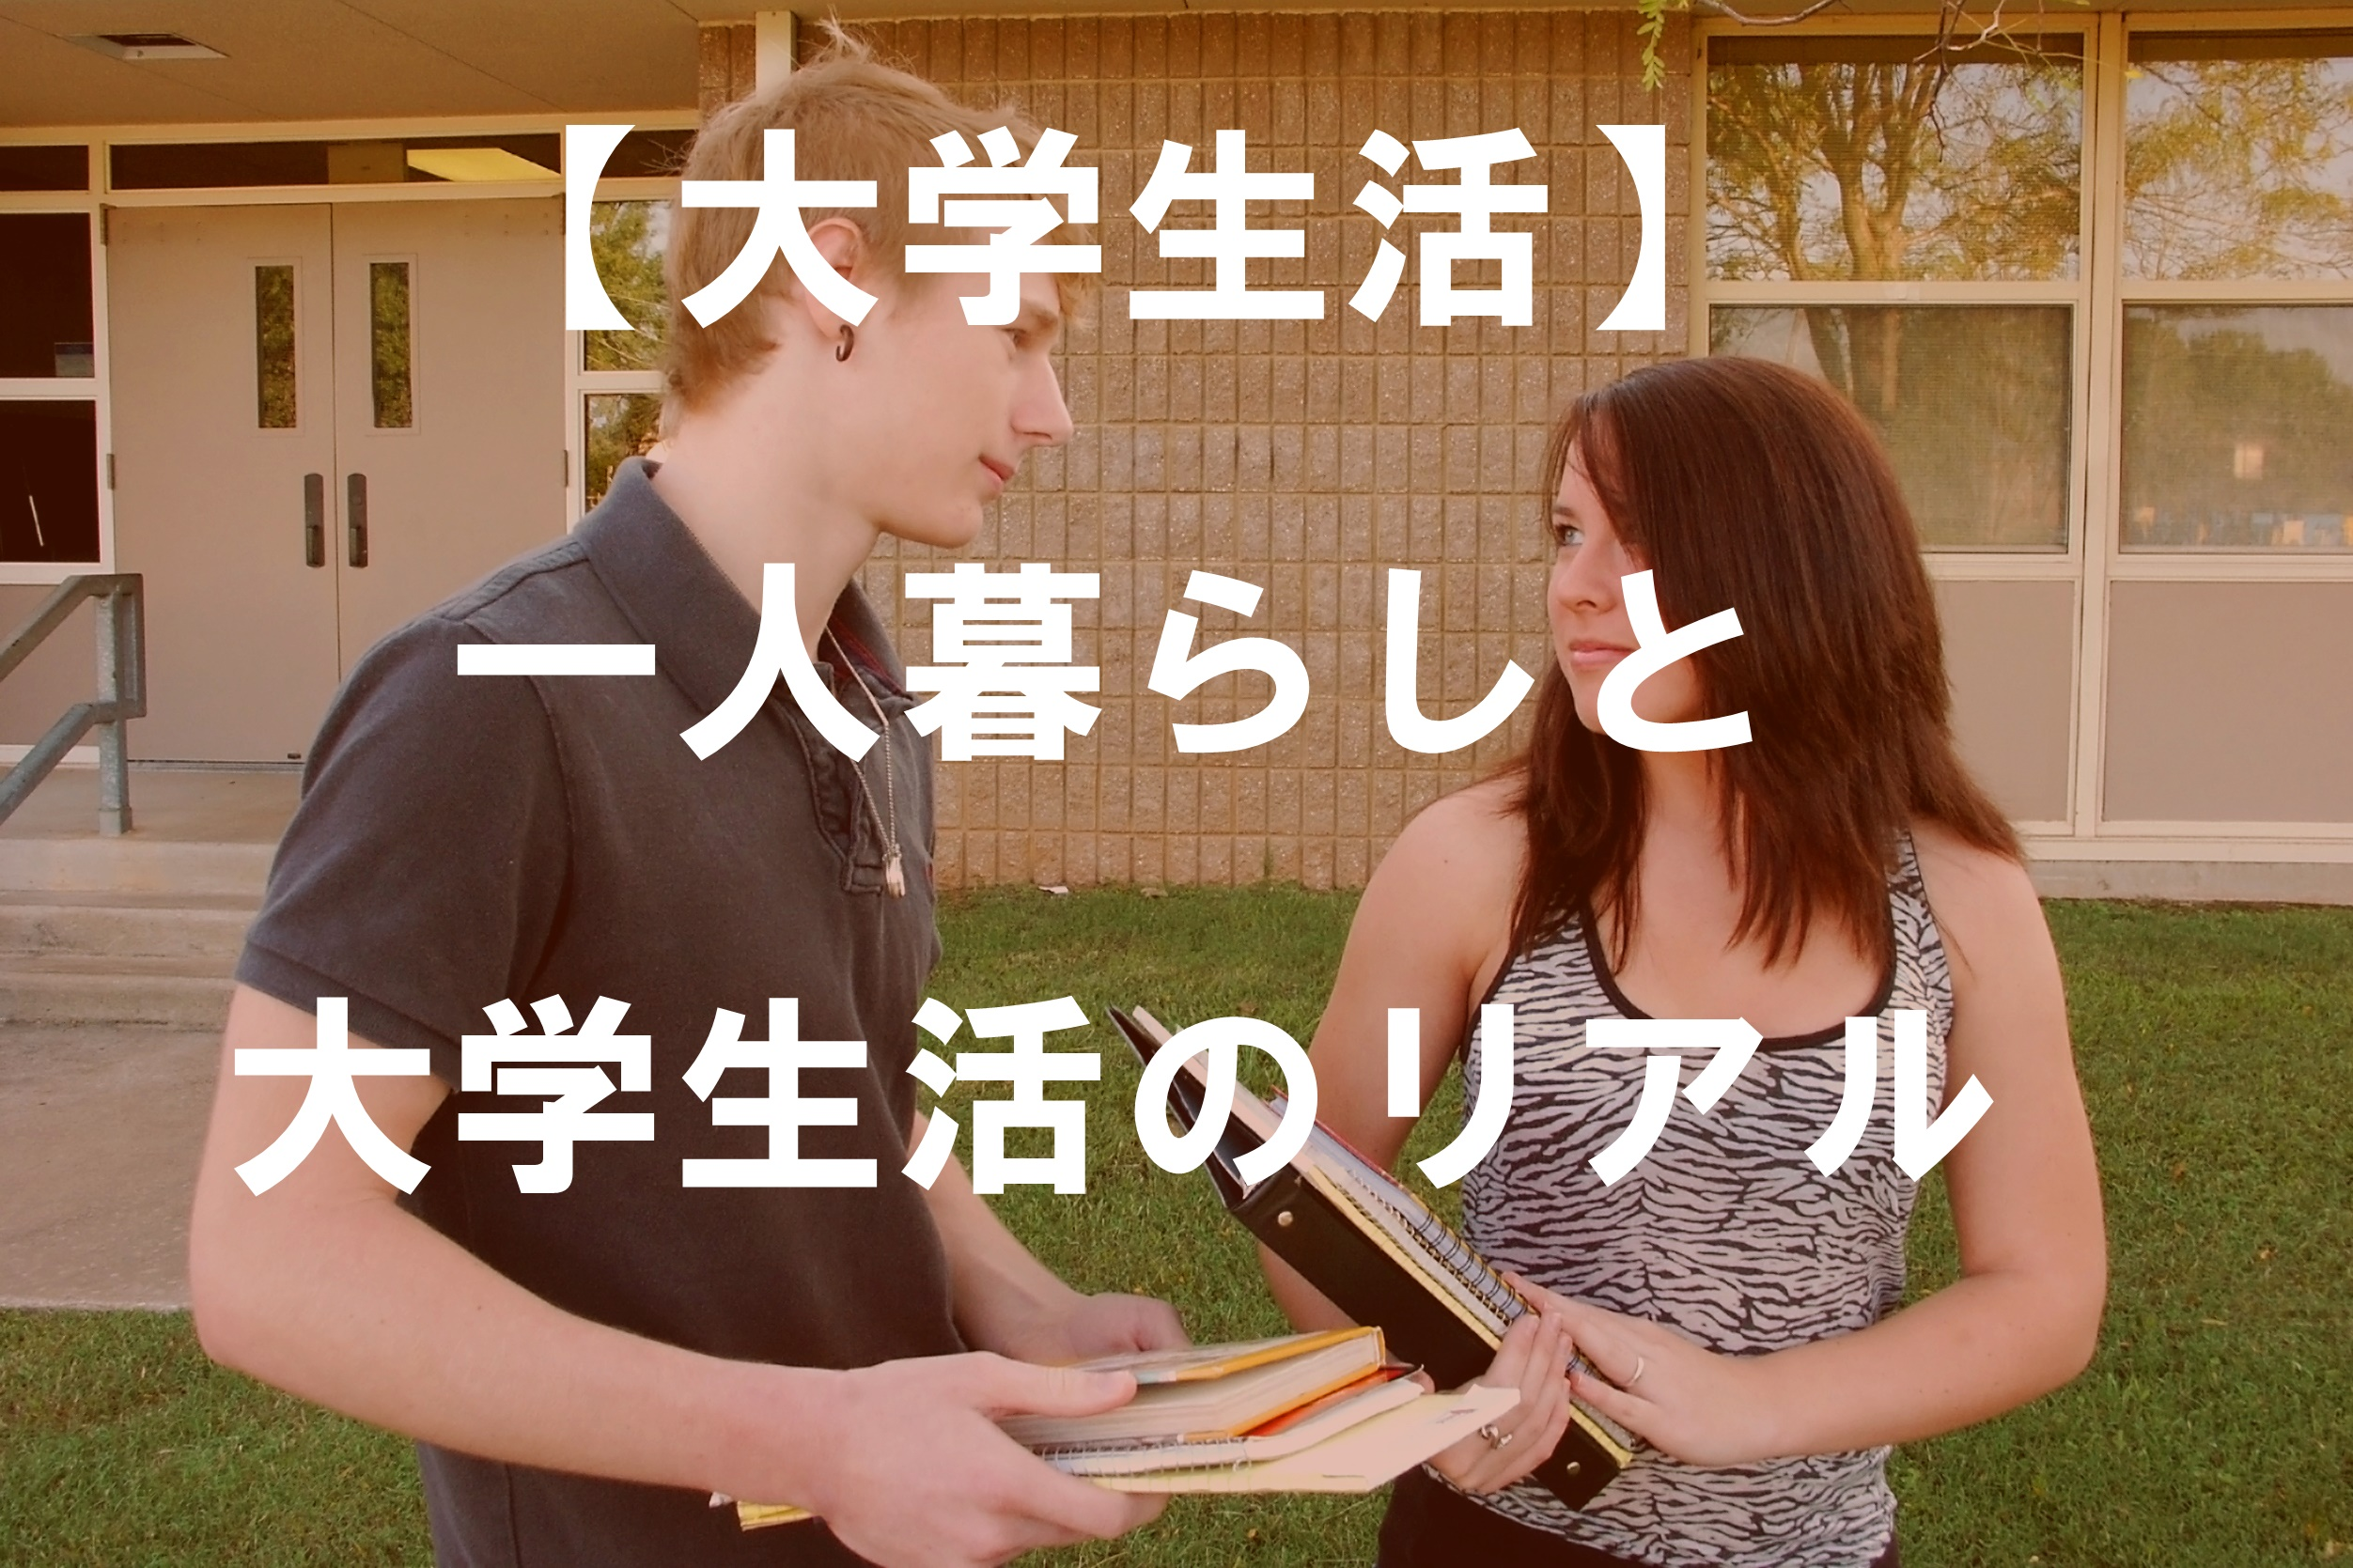 【大学生活】一人暮らしと大学生活のリアル